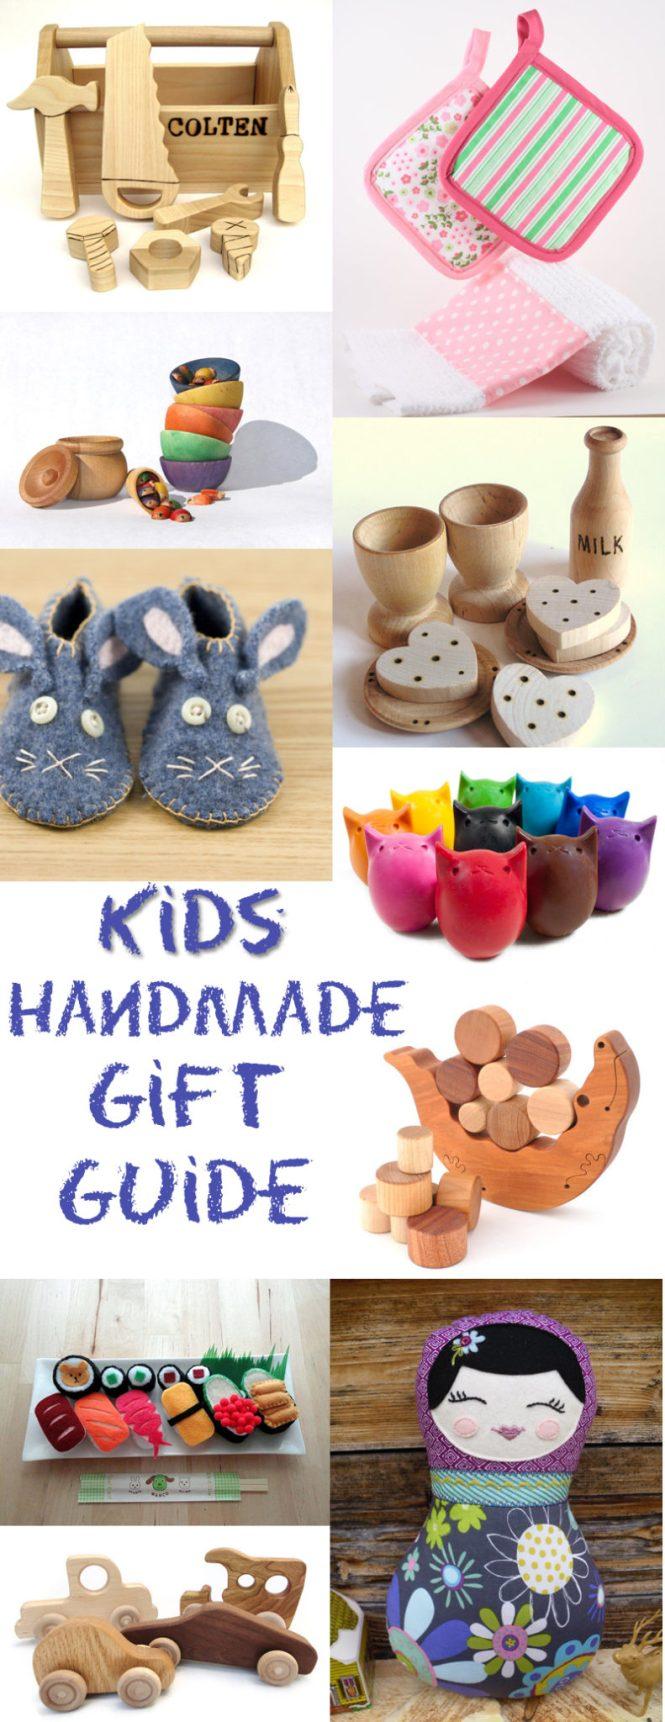 kids handmade gift guide